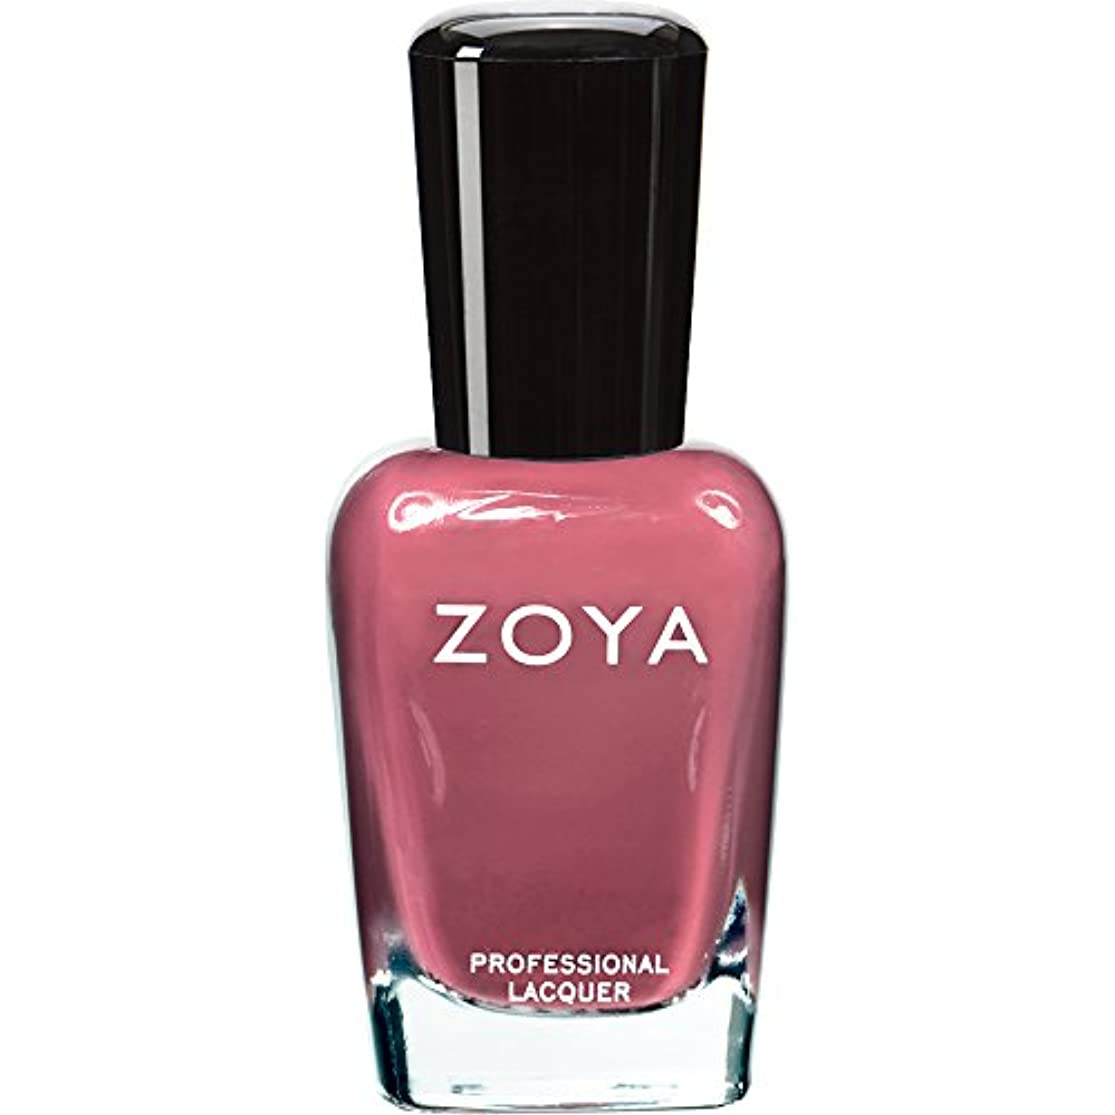 ビヨンビール貧困ZOYA ゾーヤ ネイルカラー ZP422 COCO ココ 15ml なめらかな深いモーブ マット 爪にやさしいネイルラッカーマニキュア